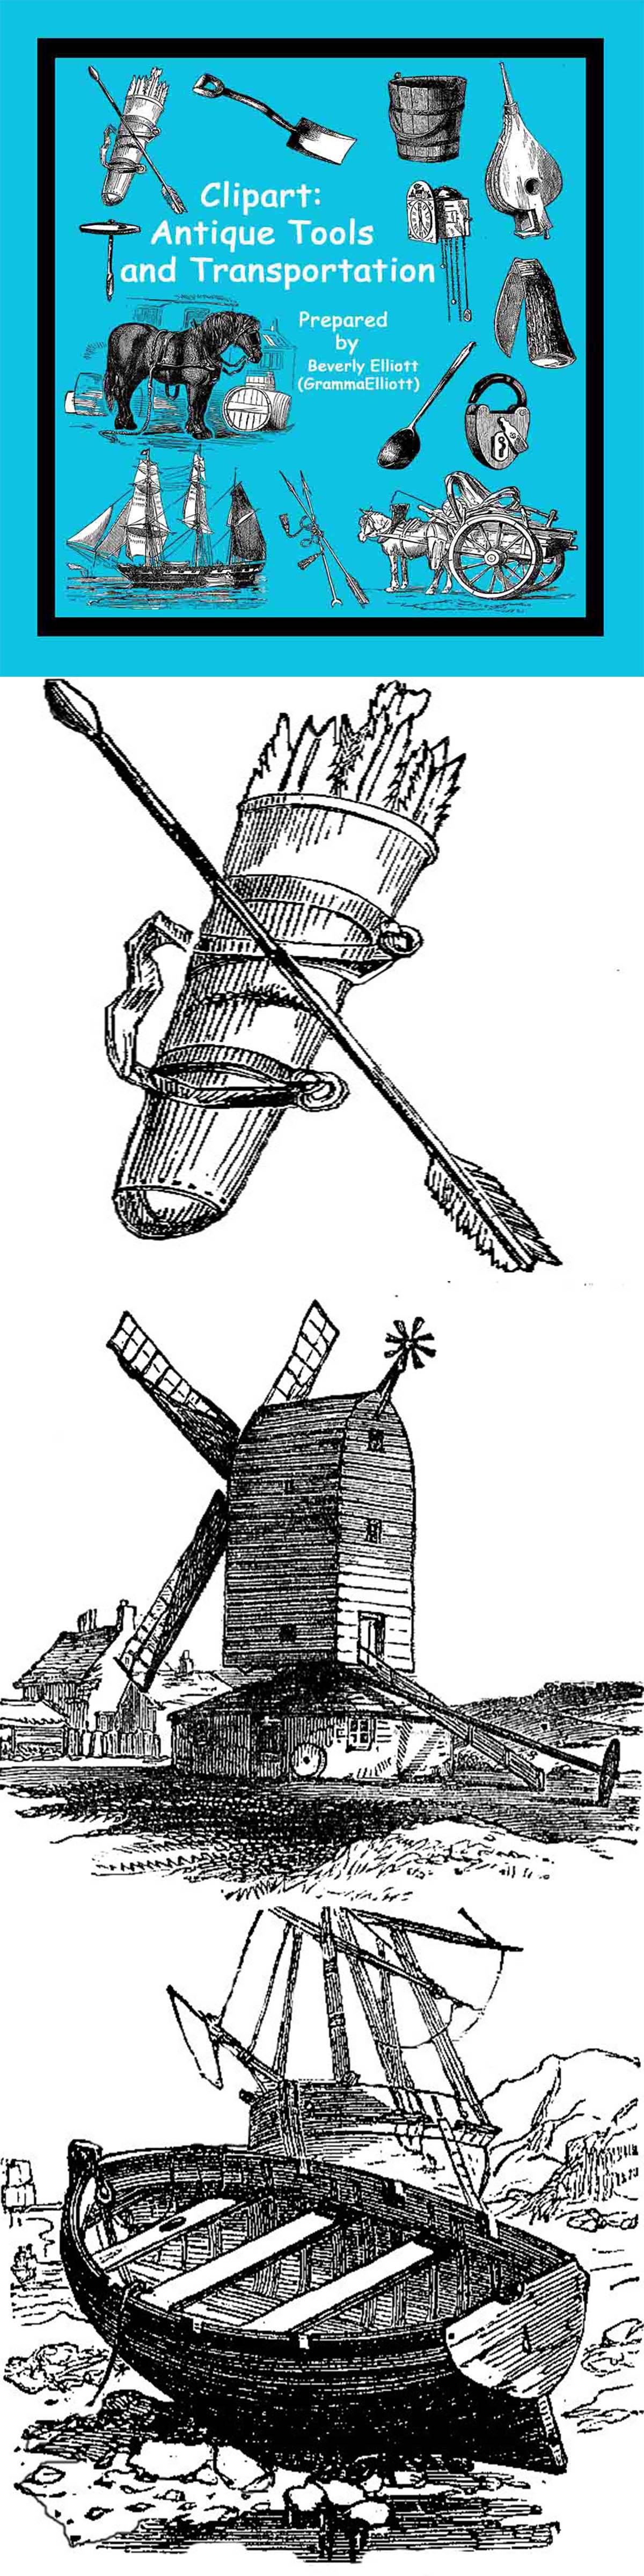 Antique Transportation and Tools Clip Art.